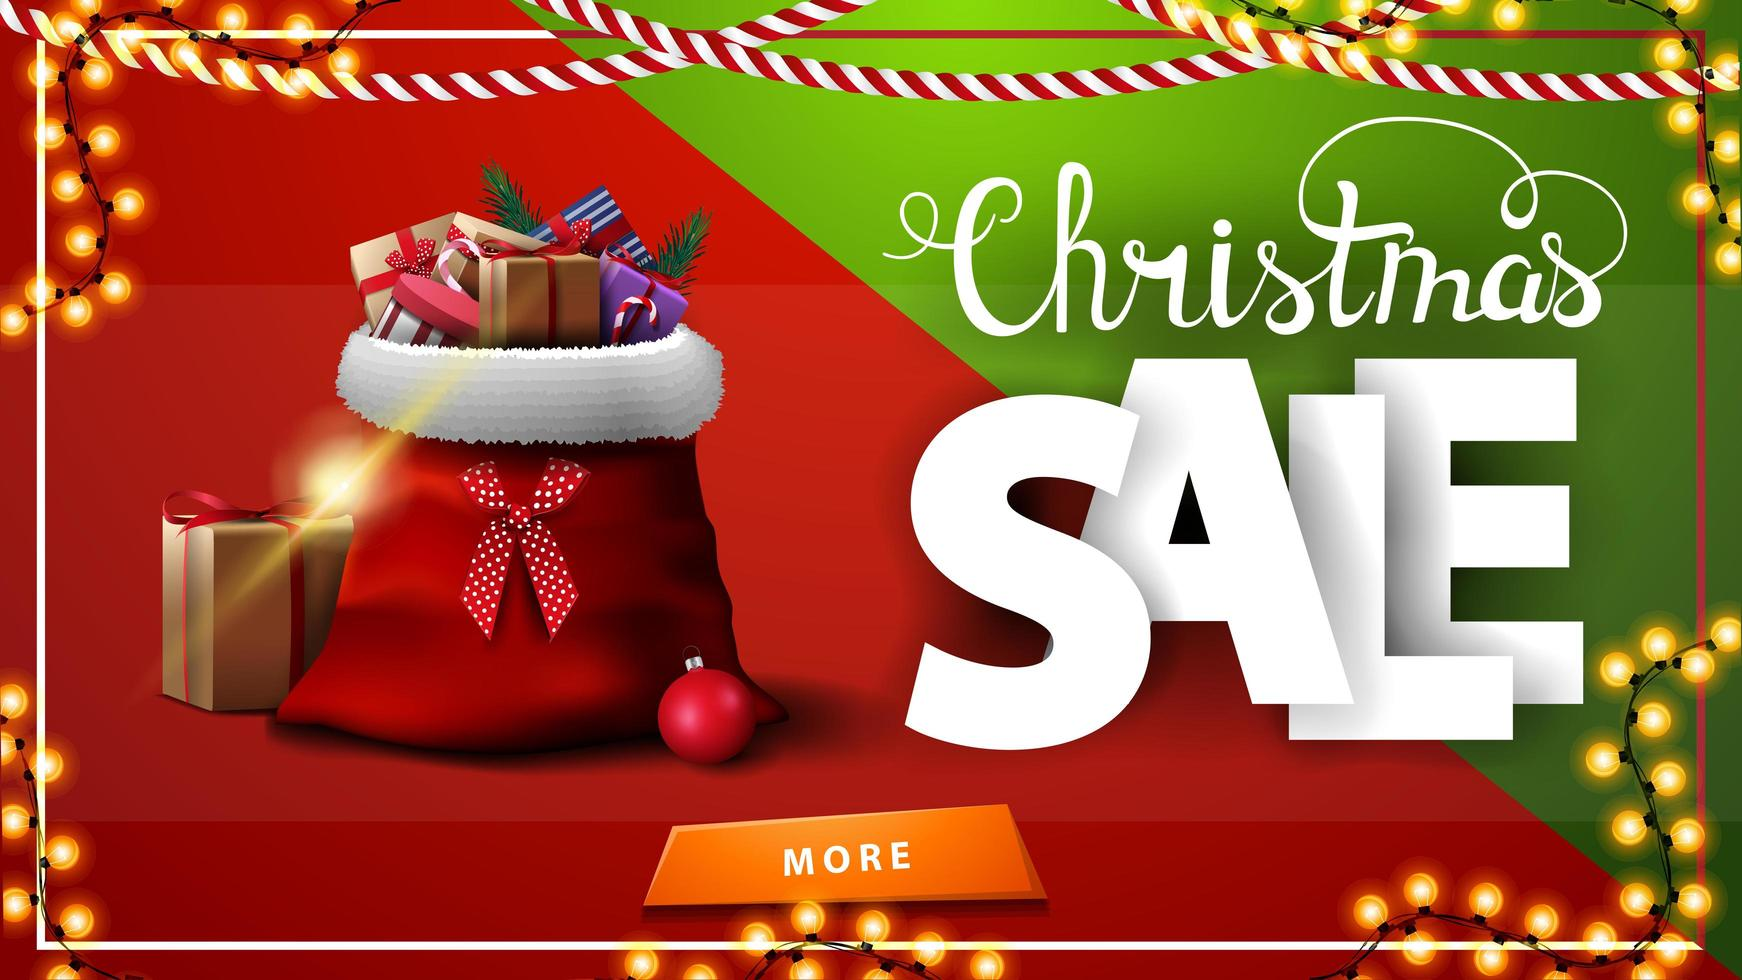 venda de natal. banner de desconto horizontal vermelho e verde com guirlanda, botão e bolsa de papai noel com presentes vetor